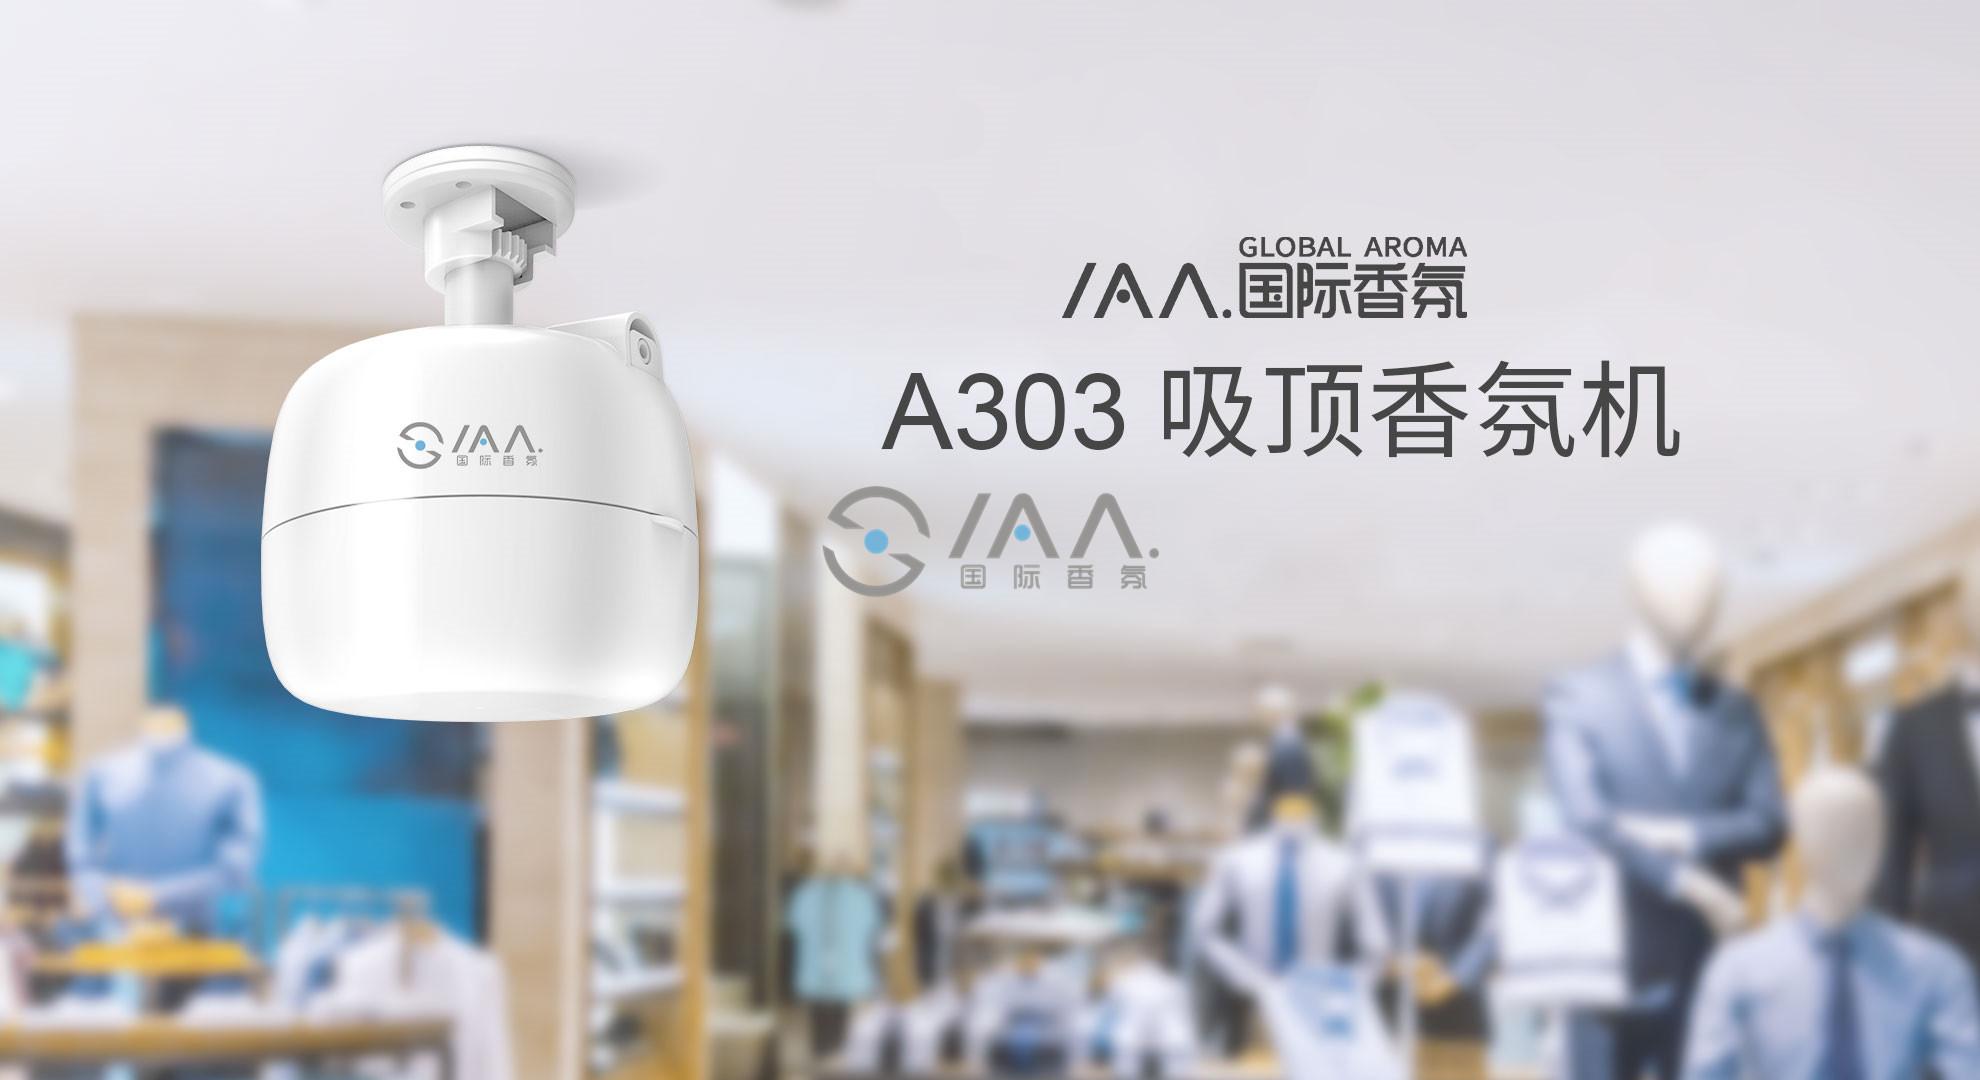 这款未卖先火的IAA国际香氛A303吸顶香氛机终于上市了!